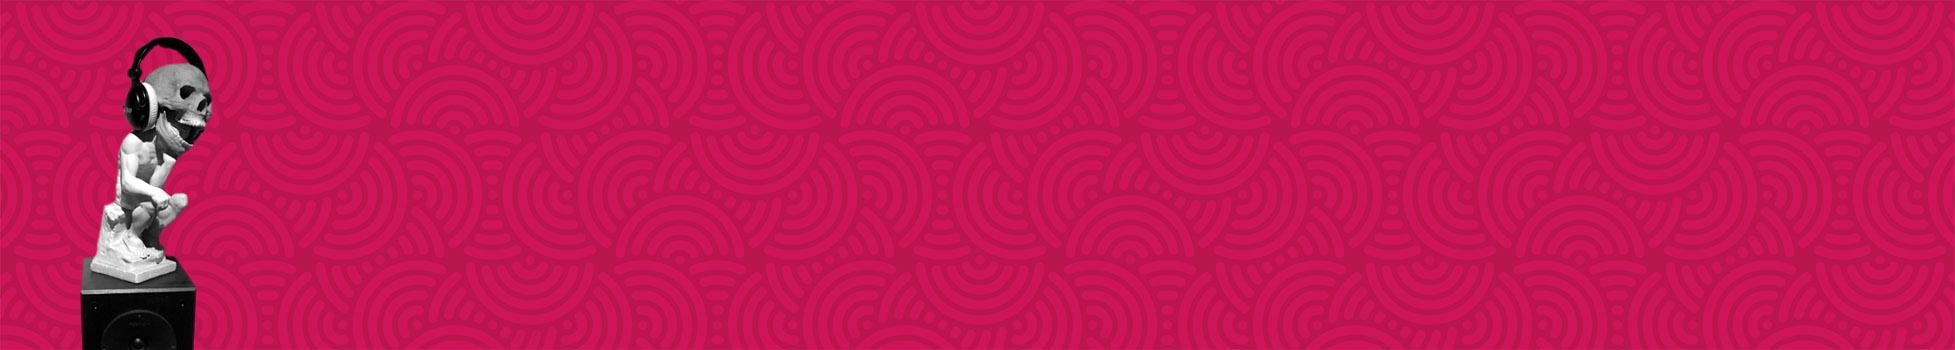 vr-slide-background-2